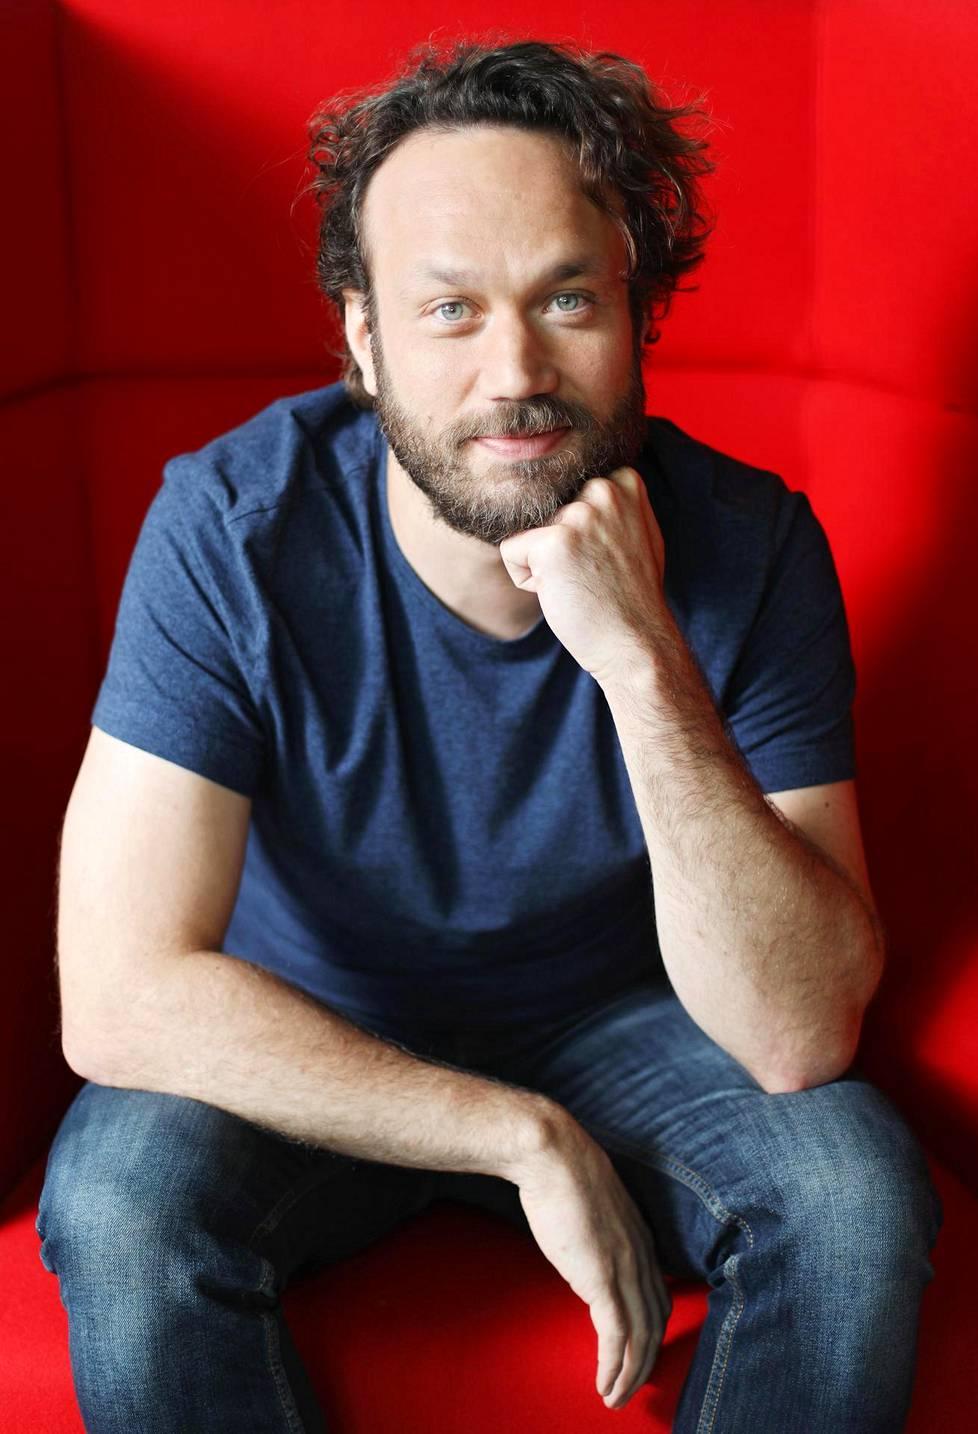 –Vapaan näyttelijän elämä on kuin vuoristorata, se ei ole taloudellisestikaan helppo homma. Toisaalta tämä on elämää, jota haluan elää, Elmer Bäck sanoo ISTV:n Tainola Show´ssa.